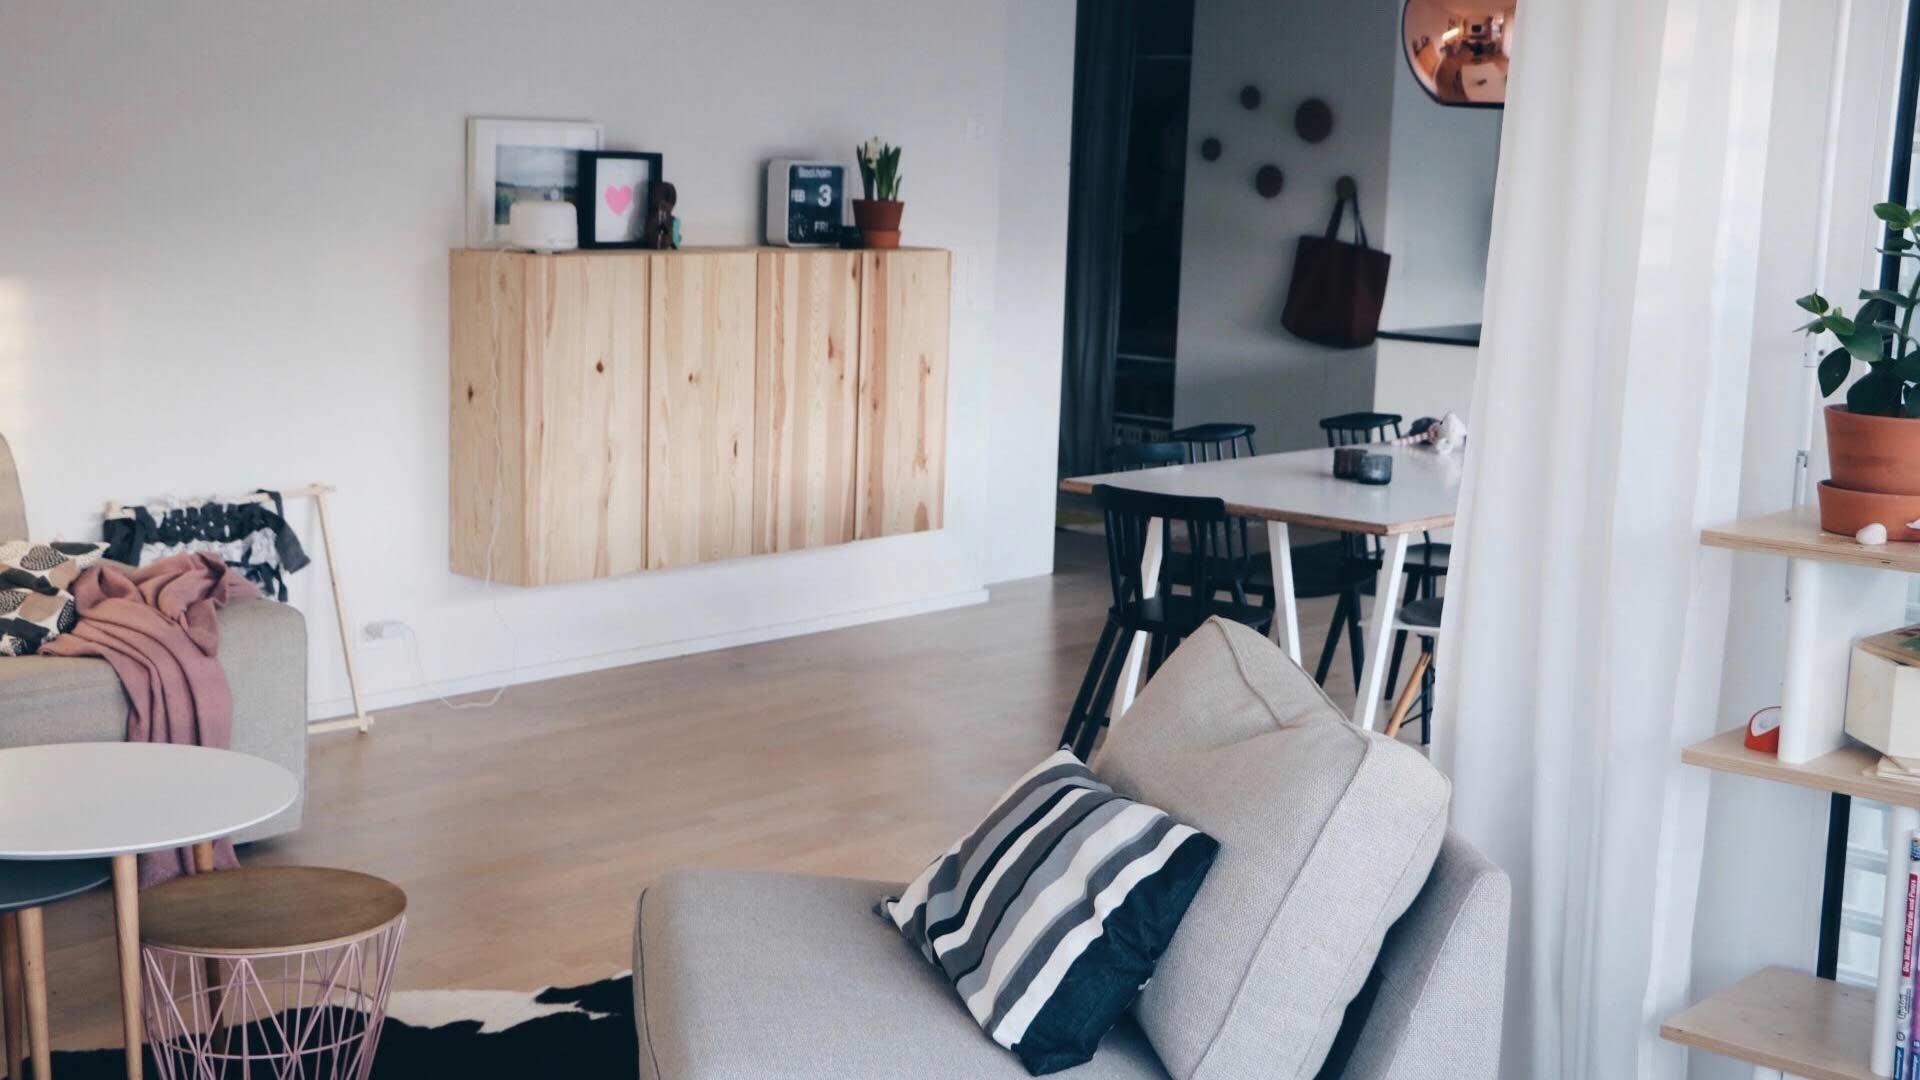 Klettergerüst Wohnzimmer : Kletterwand wohnzimmer die sims 4 fitness accessoires review